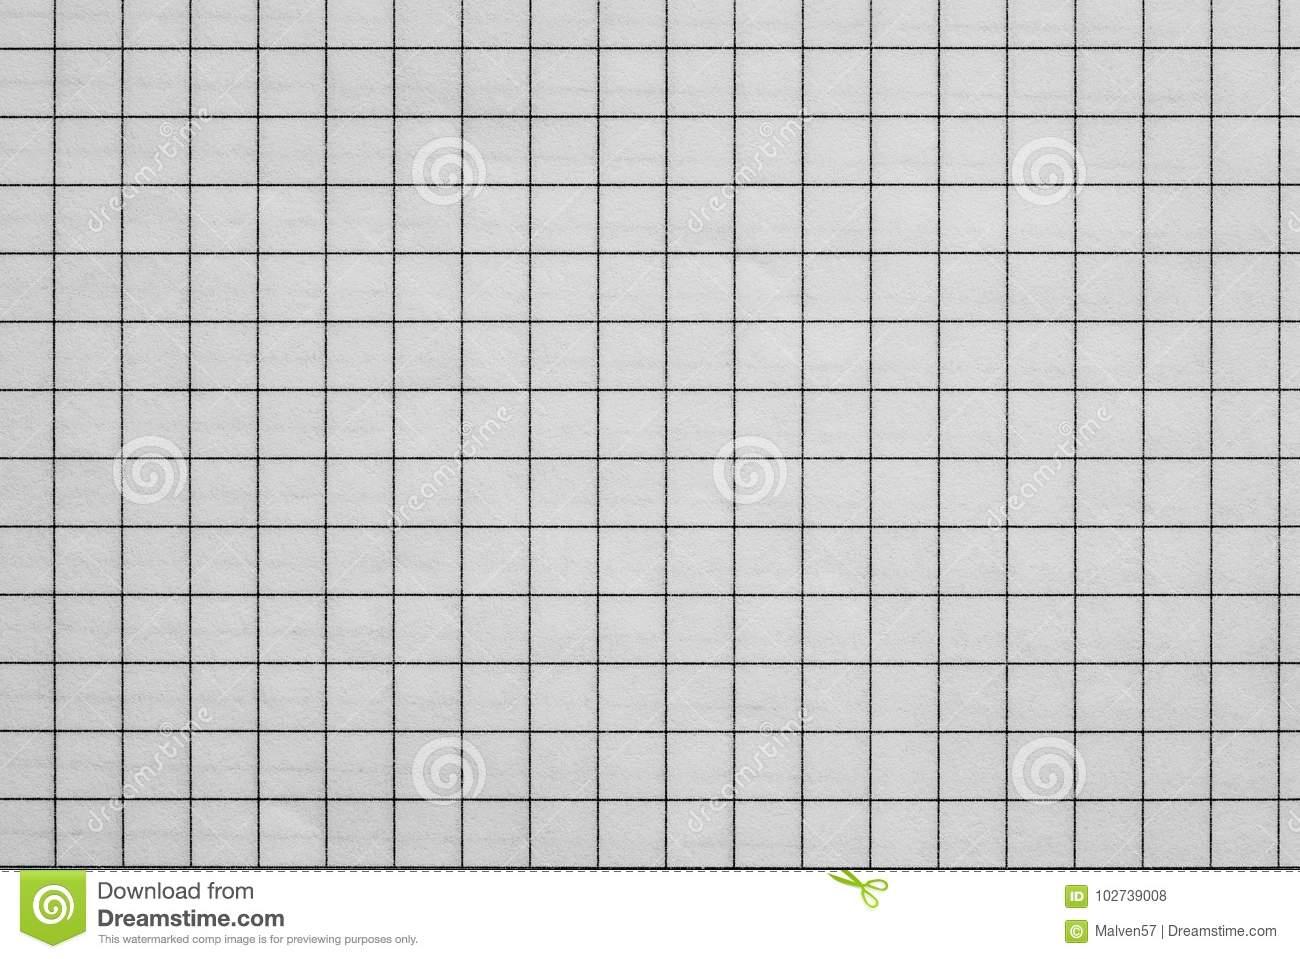 Blatt Des Karierten Papiers Stockfoto - Bild Von Zelle mit Kariertes Blatt